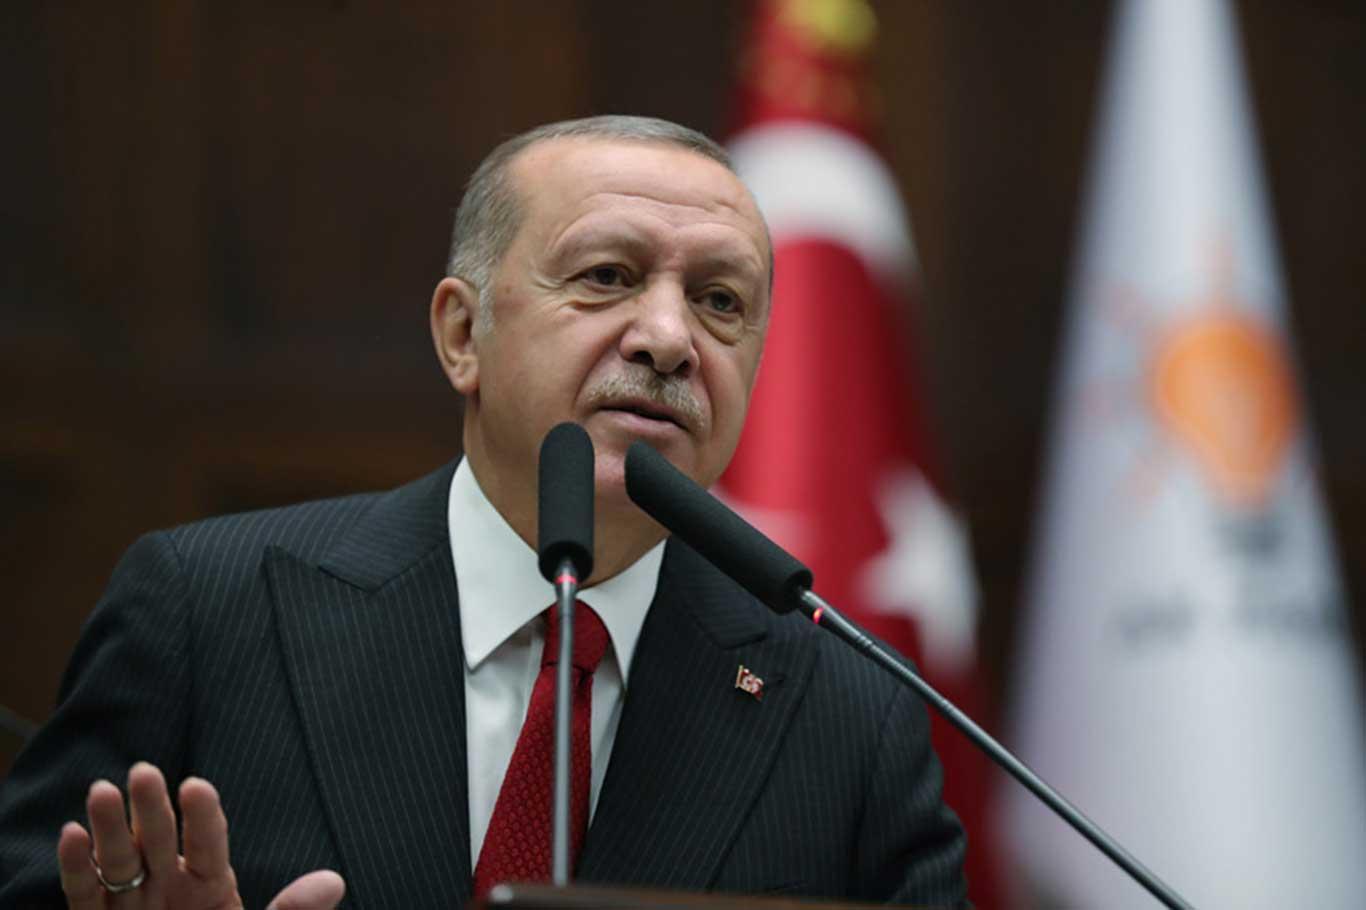 Cumhurbaşkanı Erdoğan: Telefon görüşmesine göre ABD ziyaretime karar vereceğim.